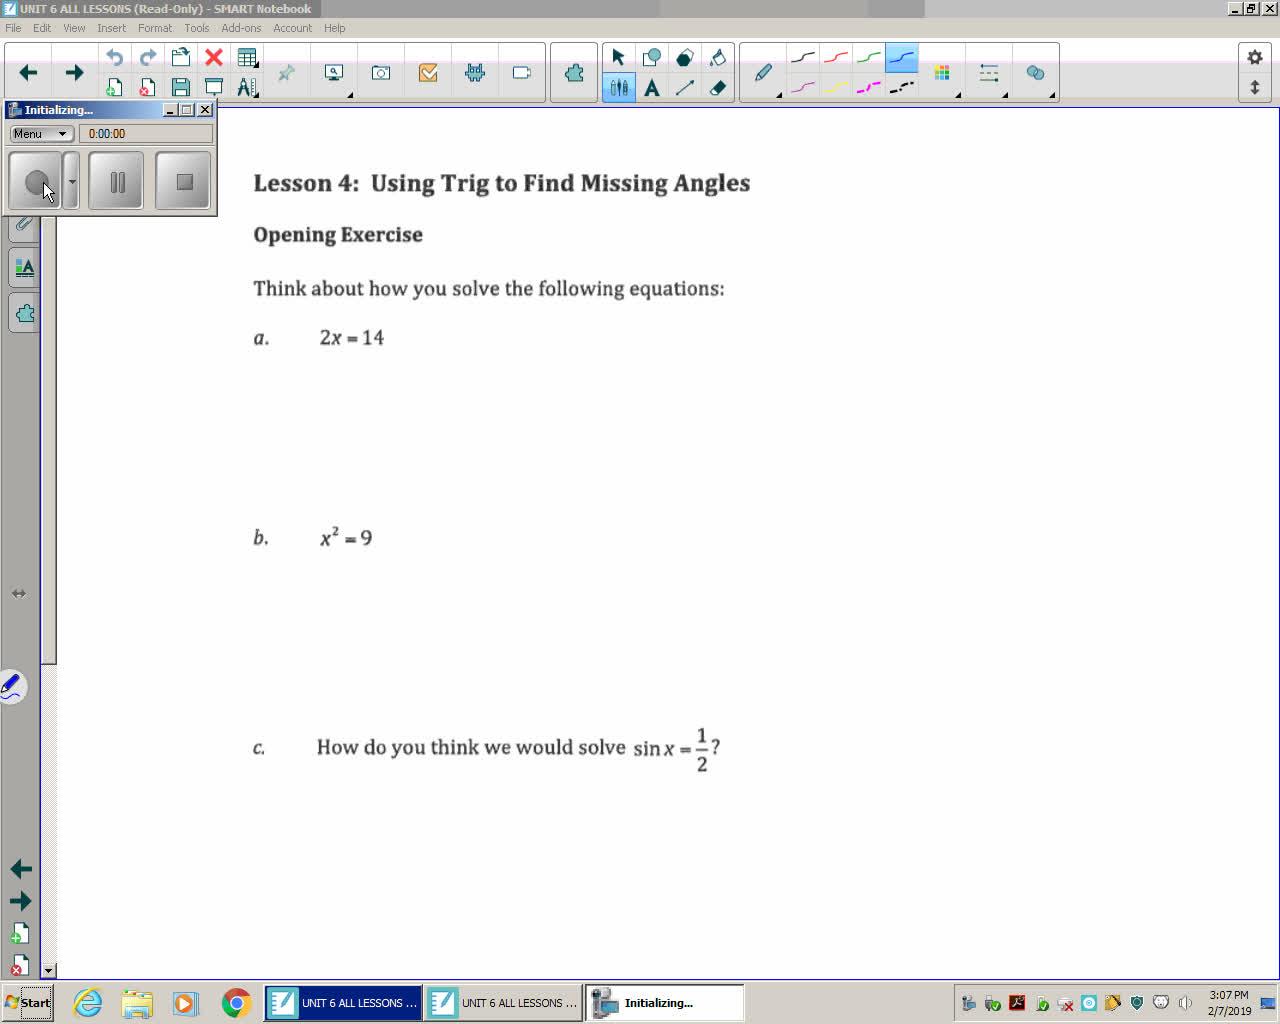 Mod 2E Unit 6 Lesson 4